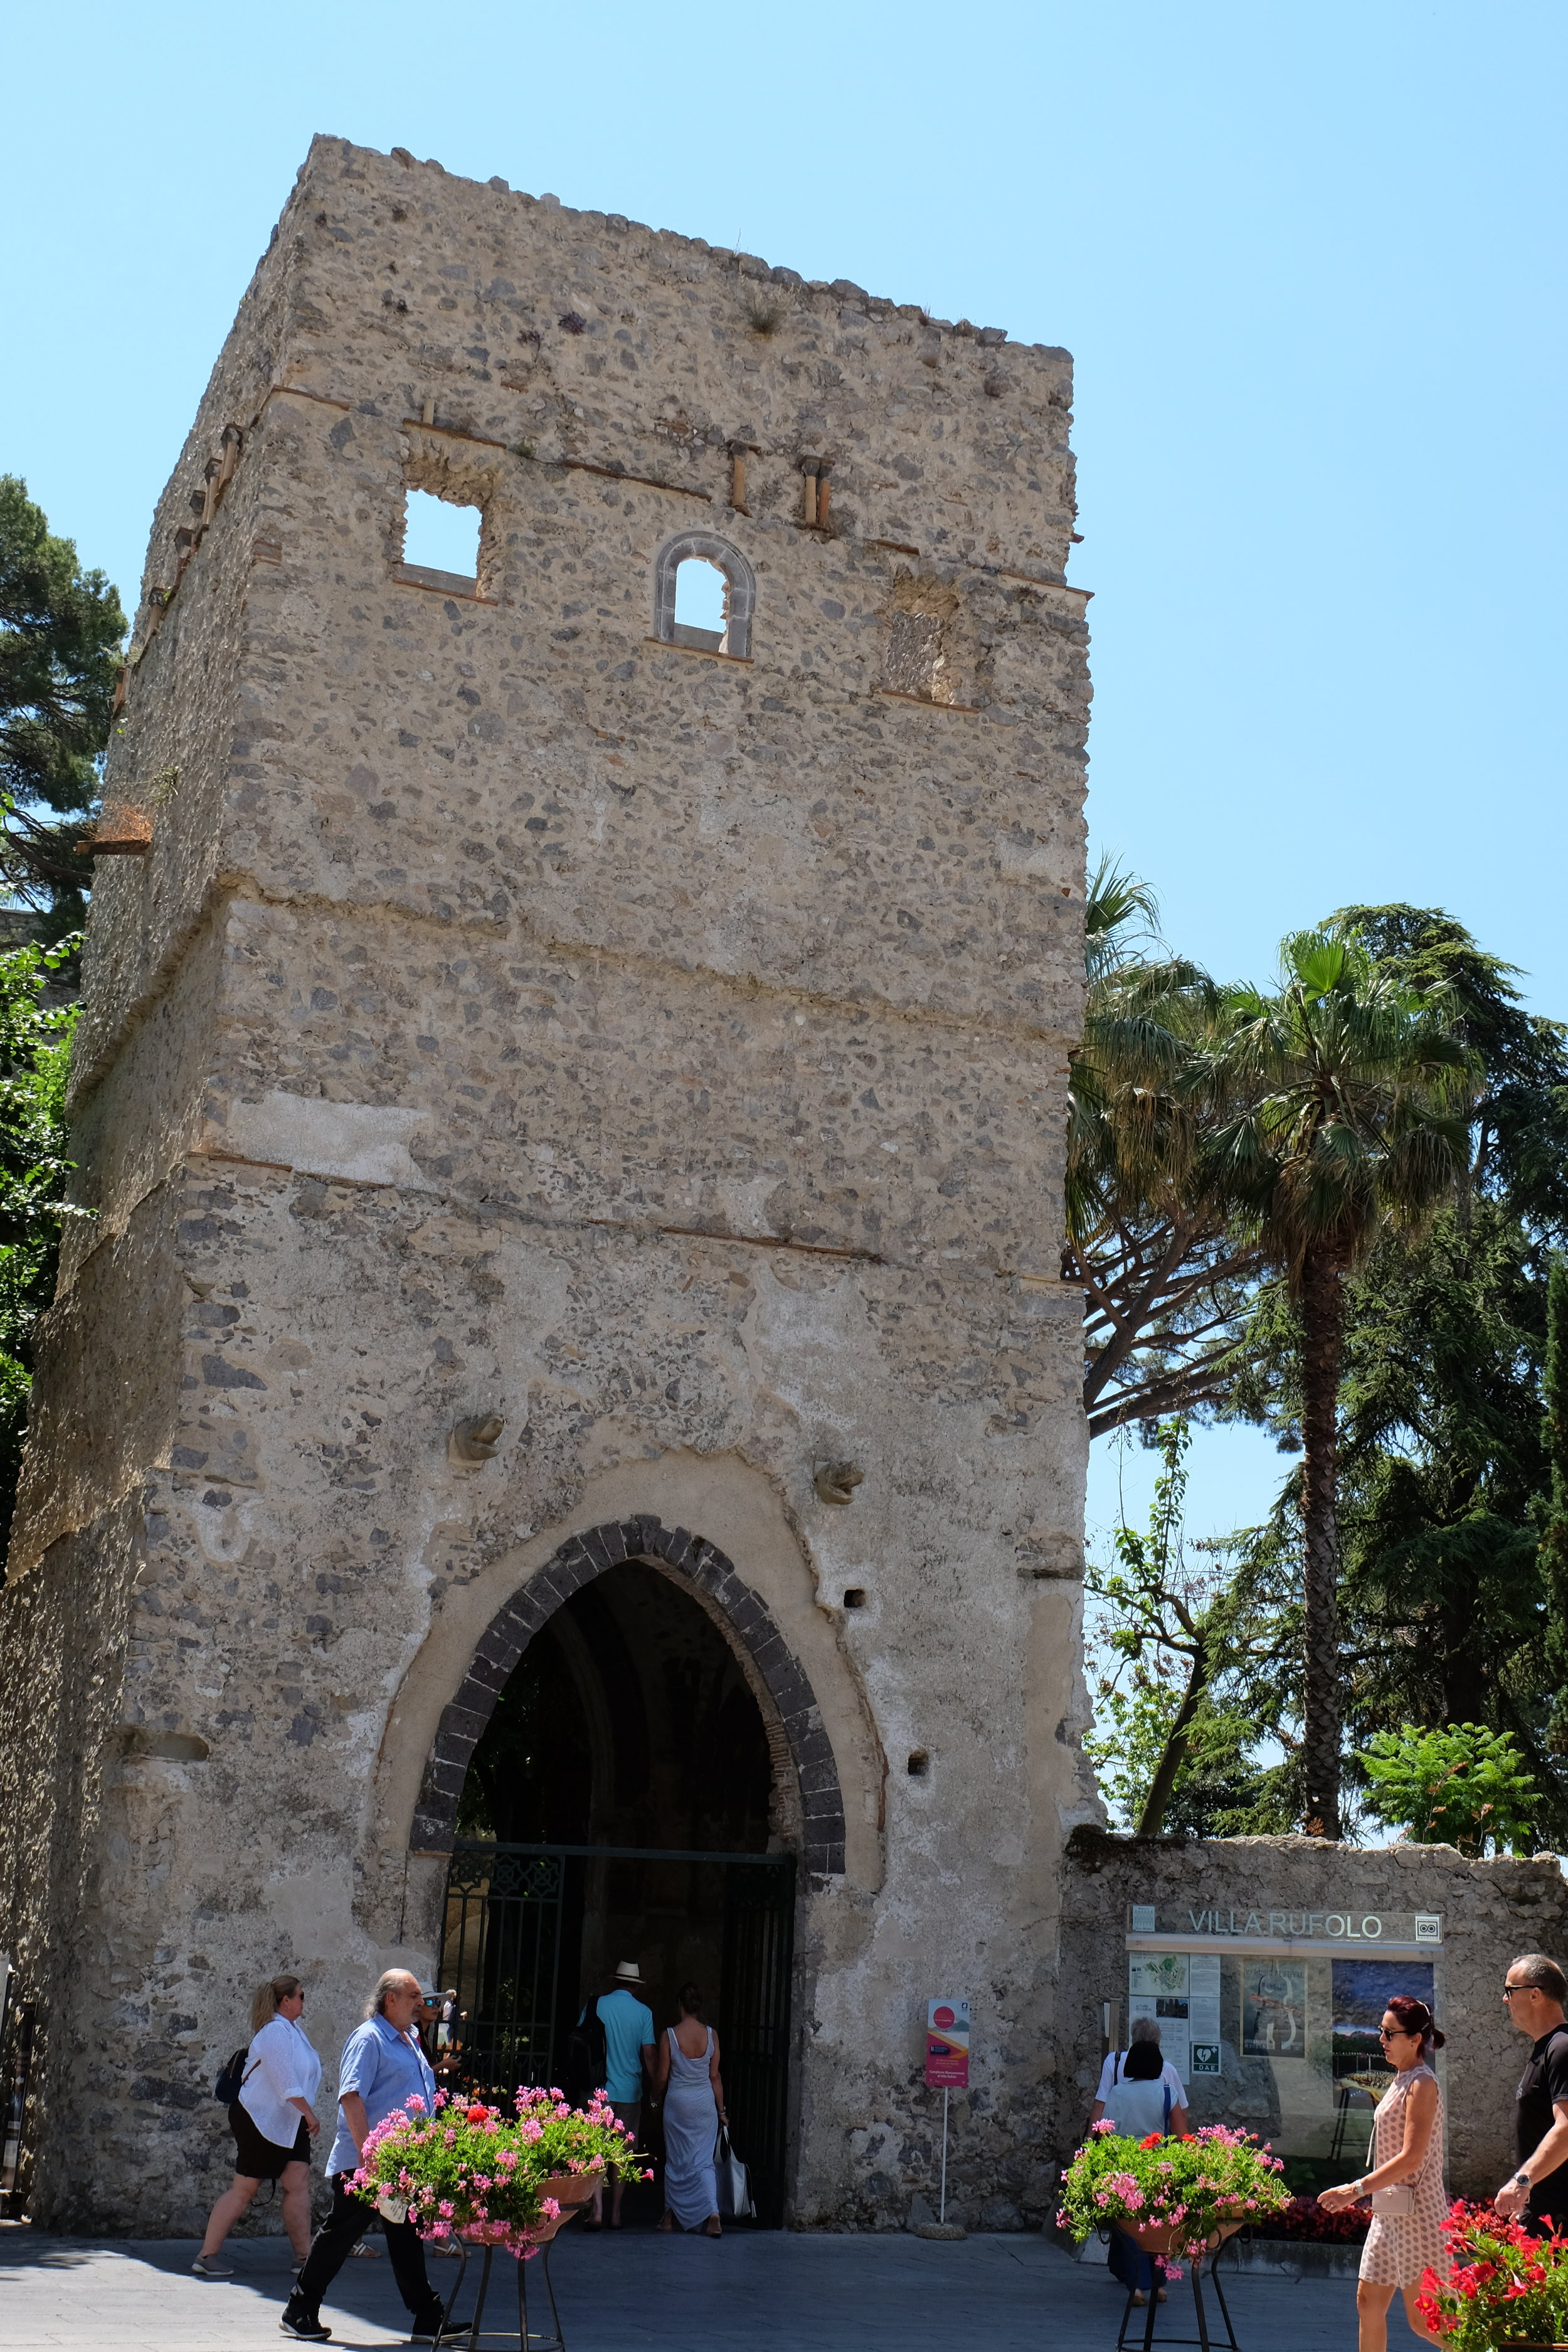 Entrance to Villa Rufolo.